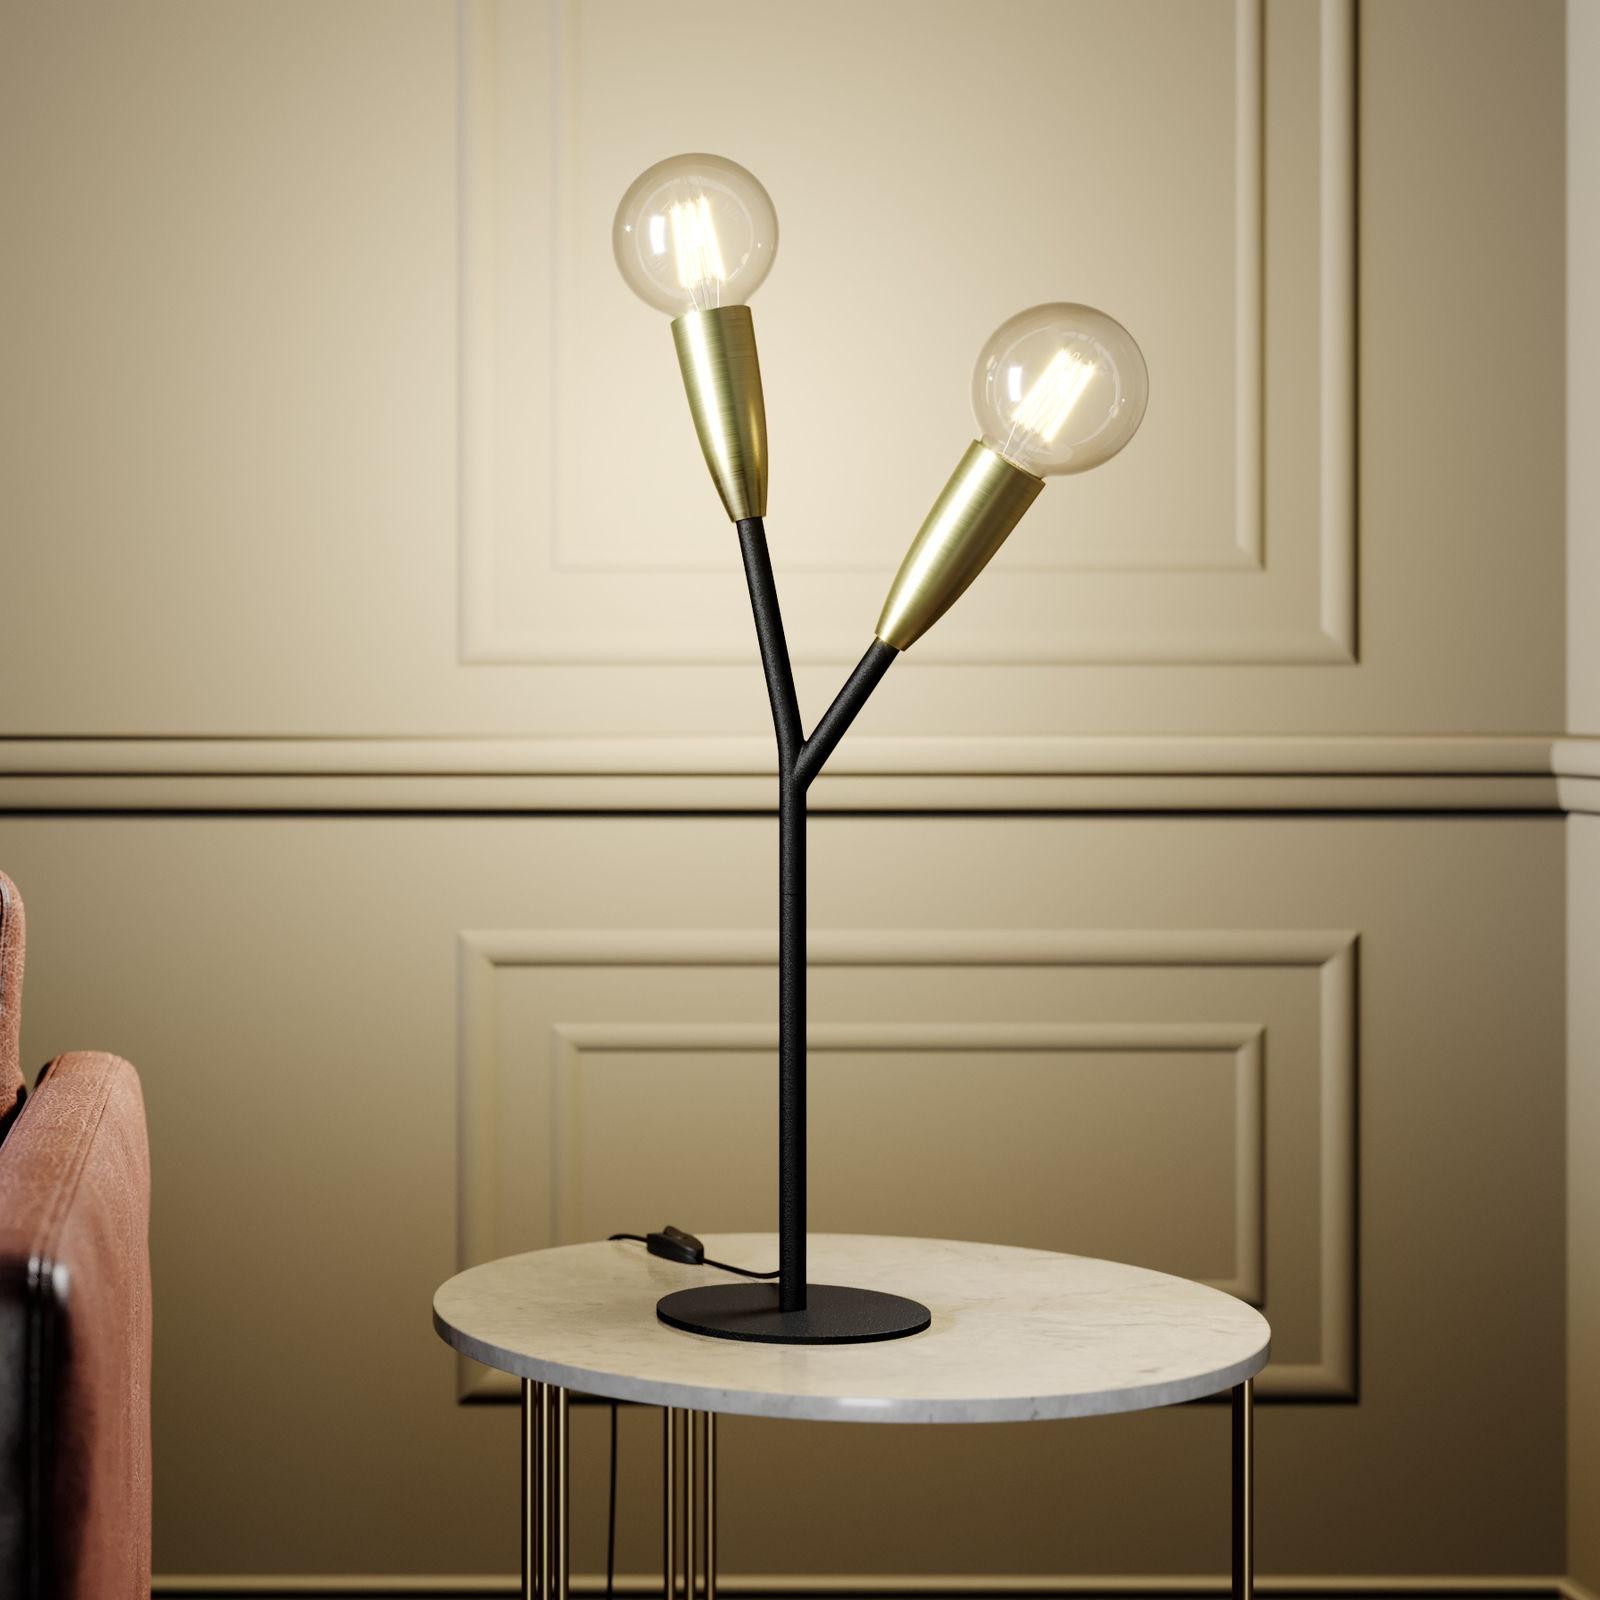 Lampa stołowa Lucande Carlea, 2-punktowa, czarna